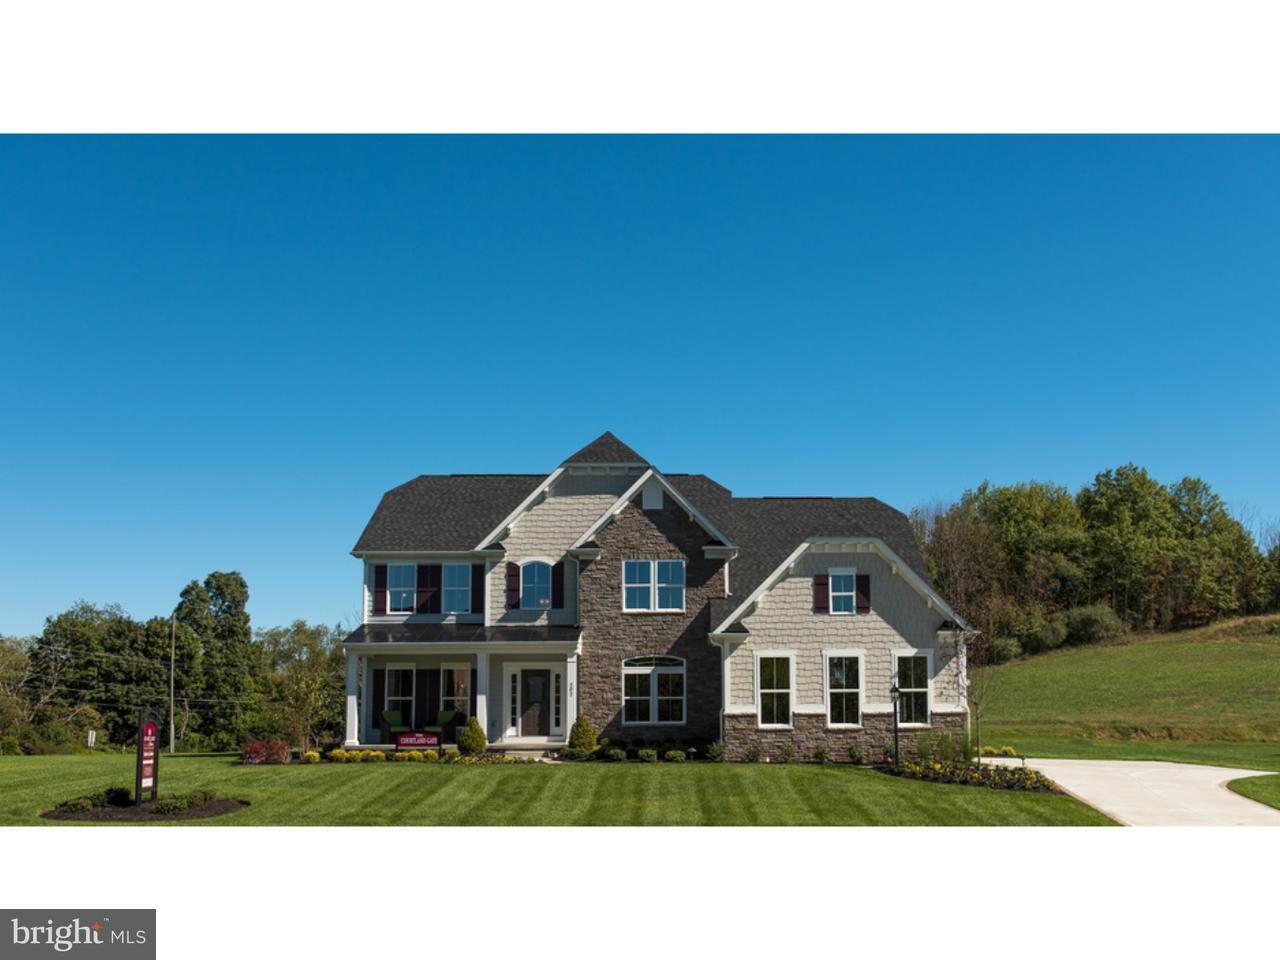 Частный односемейный дом для того Продажа на 500 PEAR TREE Court Delran Township, Нью-Джерси 08075 Соединенные Штаты